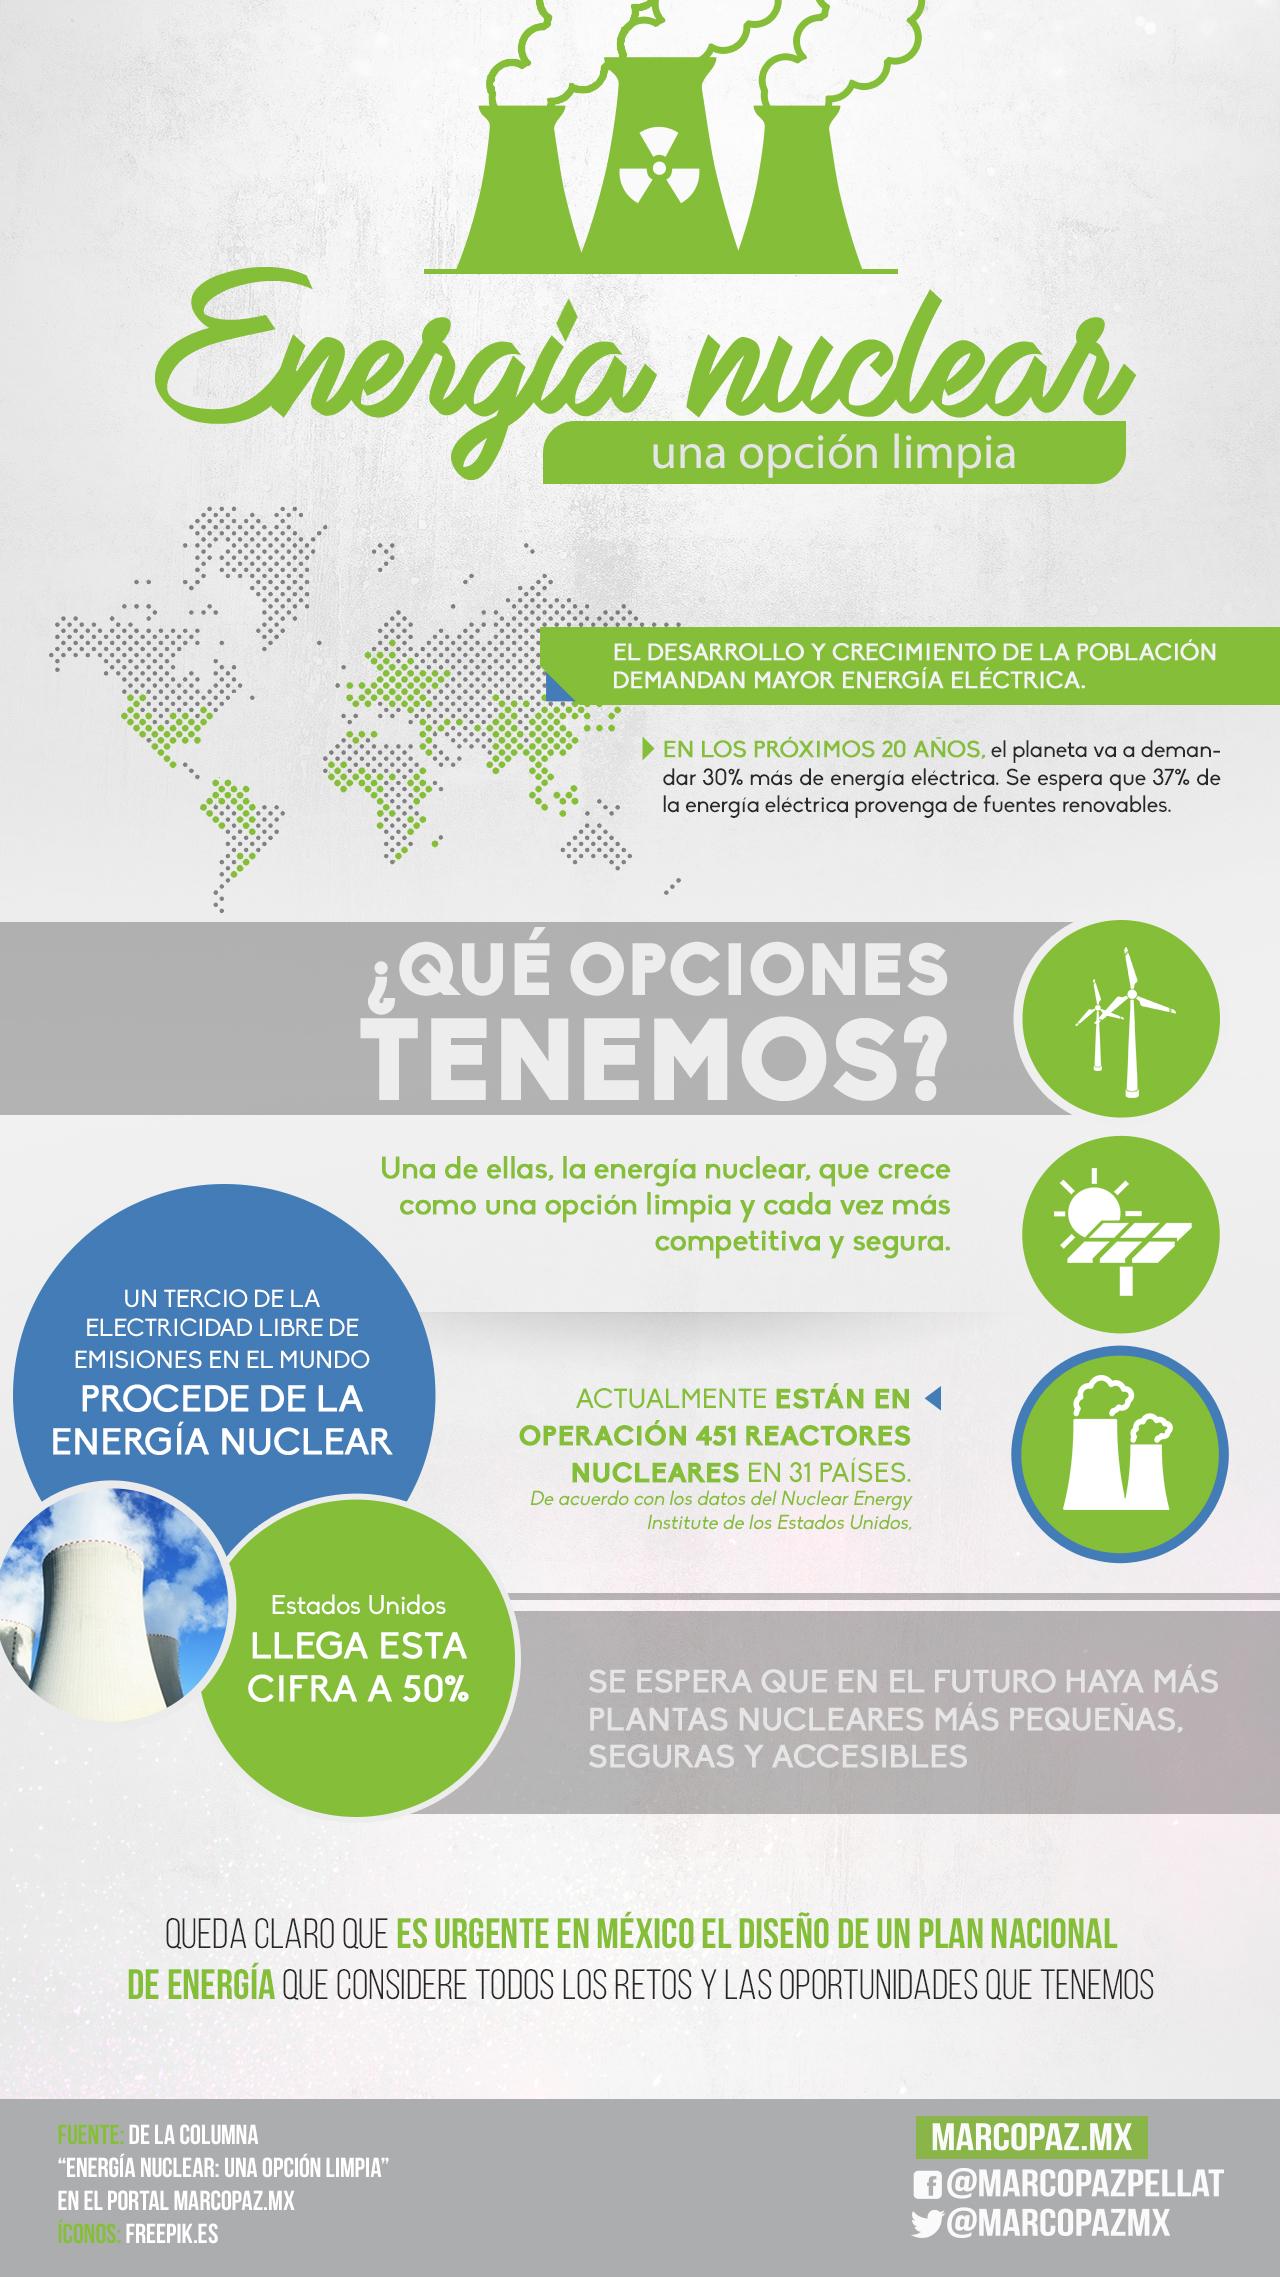 044_INFOGRAFIA_Energía nuclear una opción limpia copy